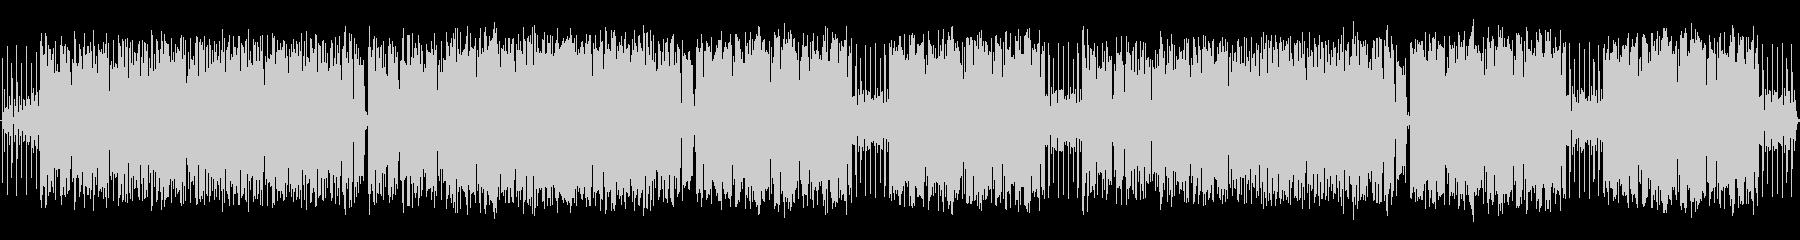 パズルゲームに合うフュージョン曲の未再生の波形